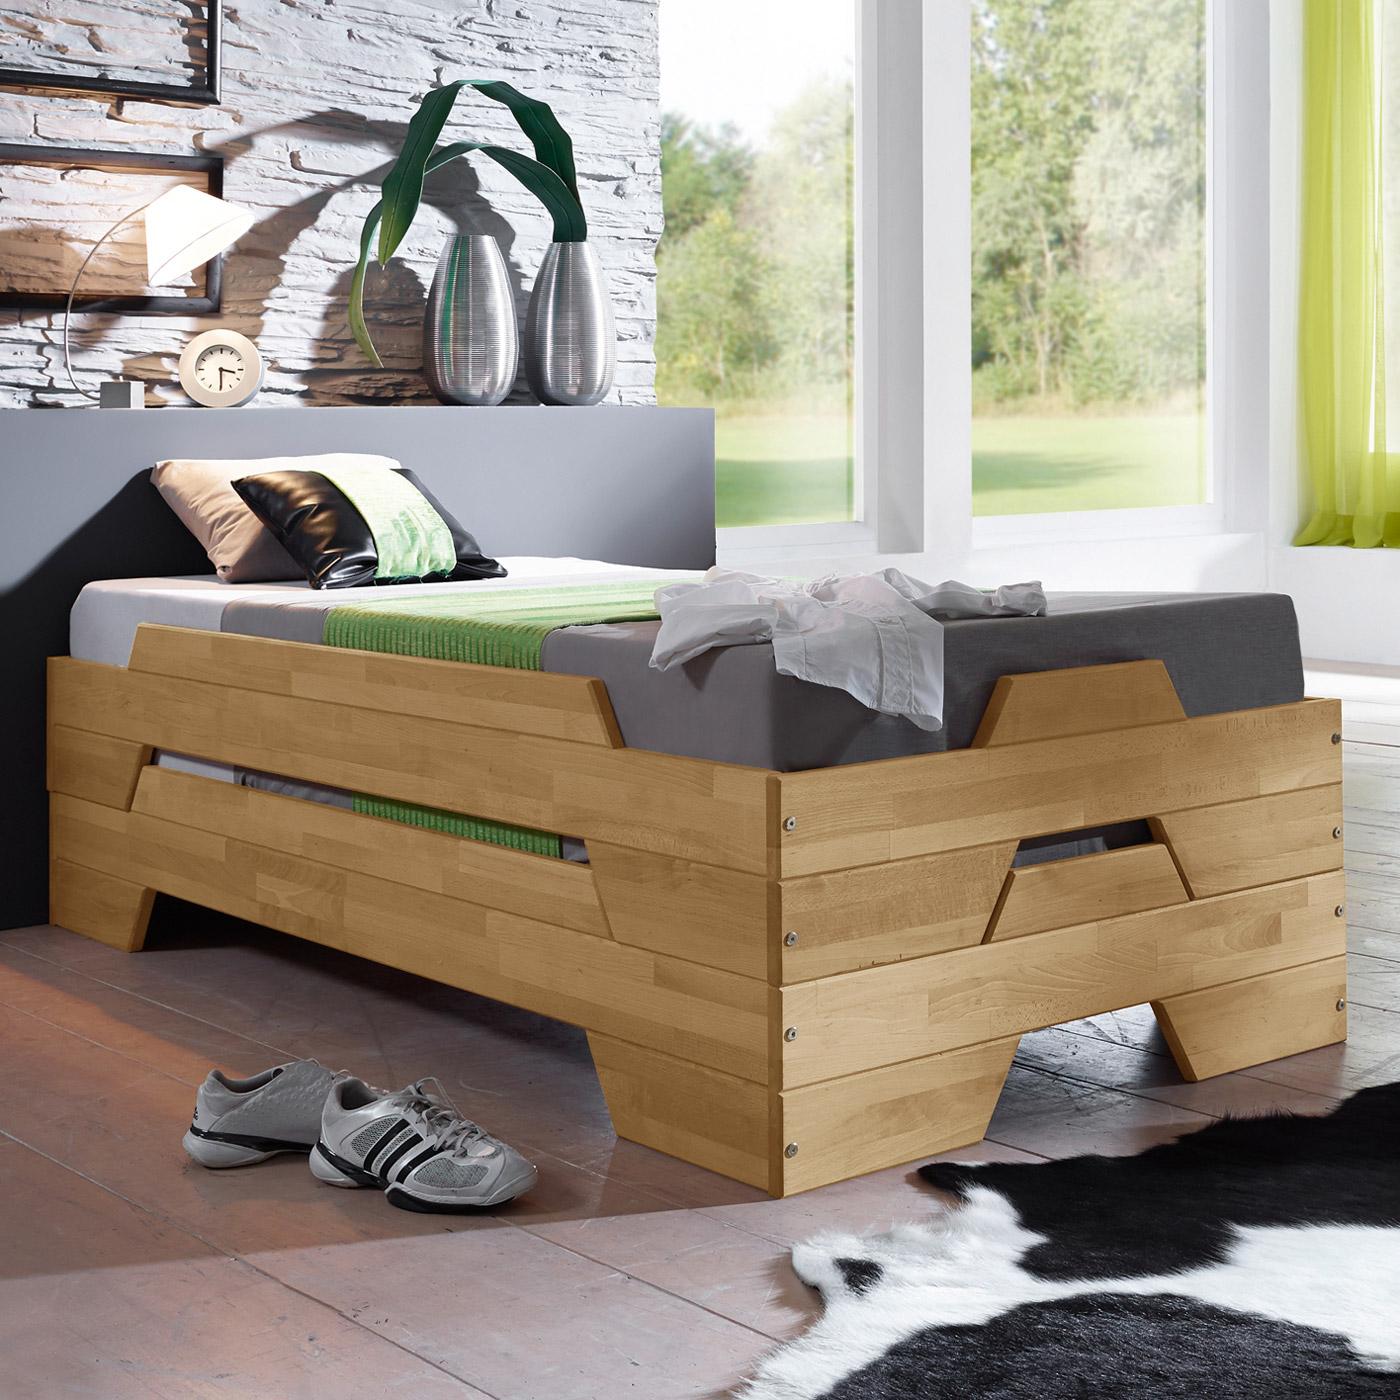 Full Size of Gstebetten Zum Zusammenklappen Und Stapeln Bettende Ausklappbares Bett Wohnzimmer Klappbares Doppelbett